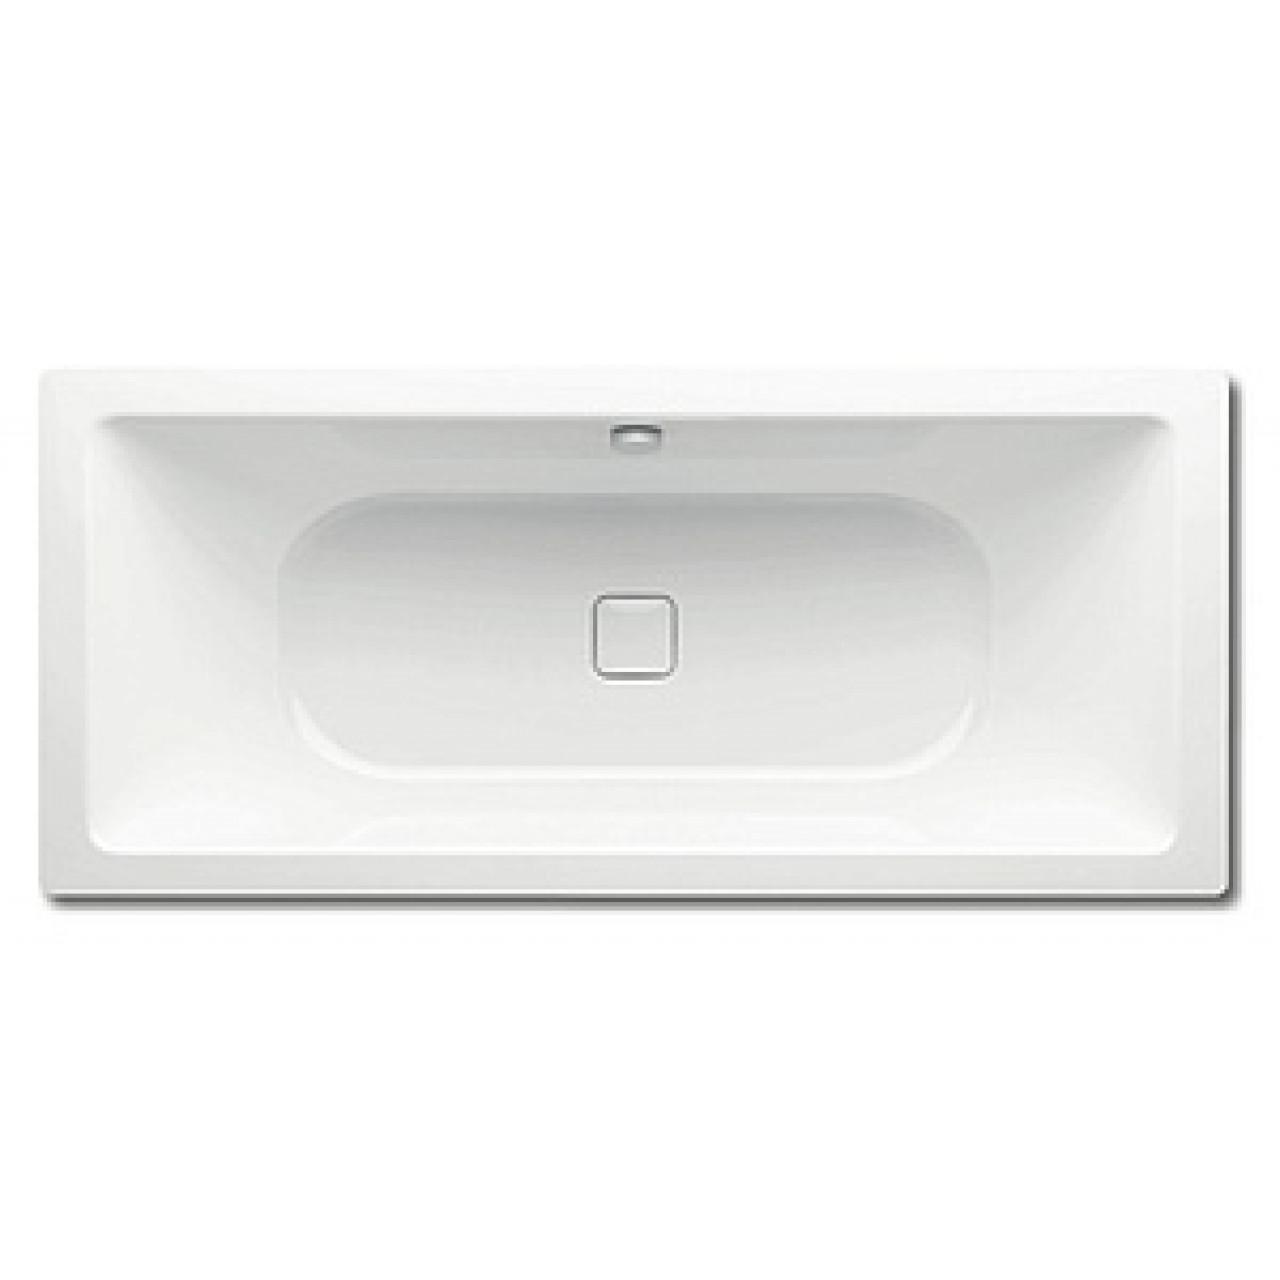 Стальная ванна Kaldewei Conoduo 735 купить в Москве по цене от 134500р. в интернет-магазине mebel-v-vannu.ru